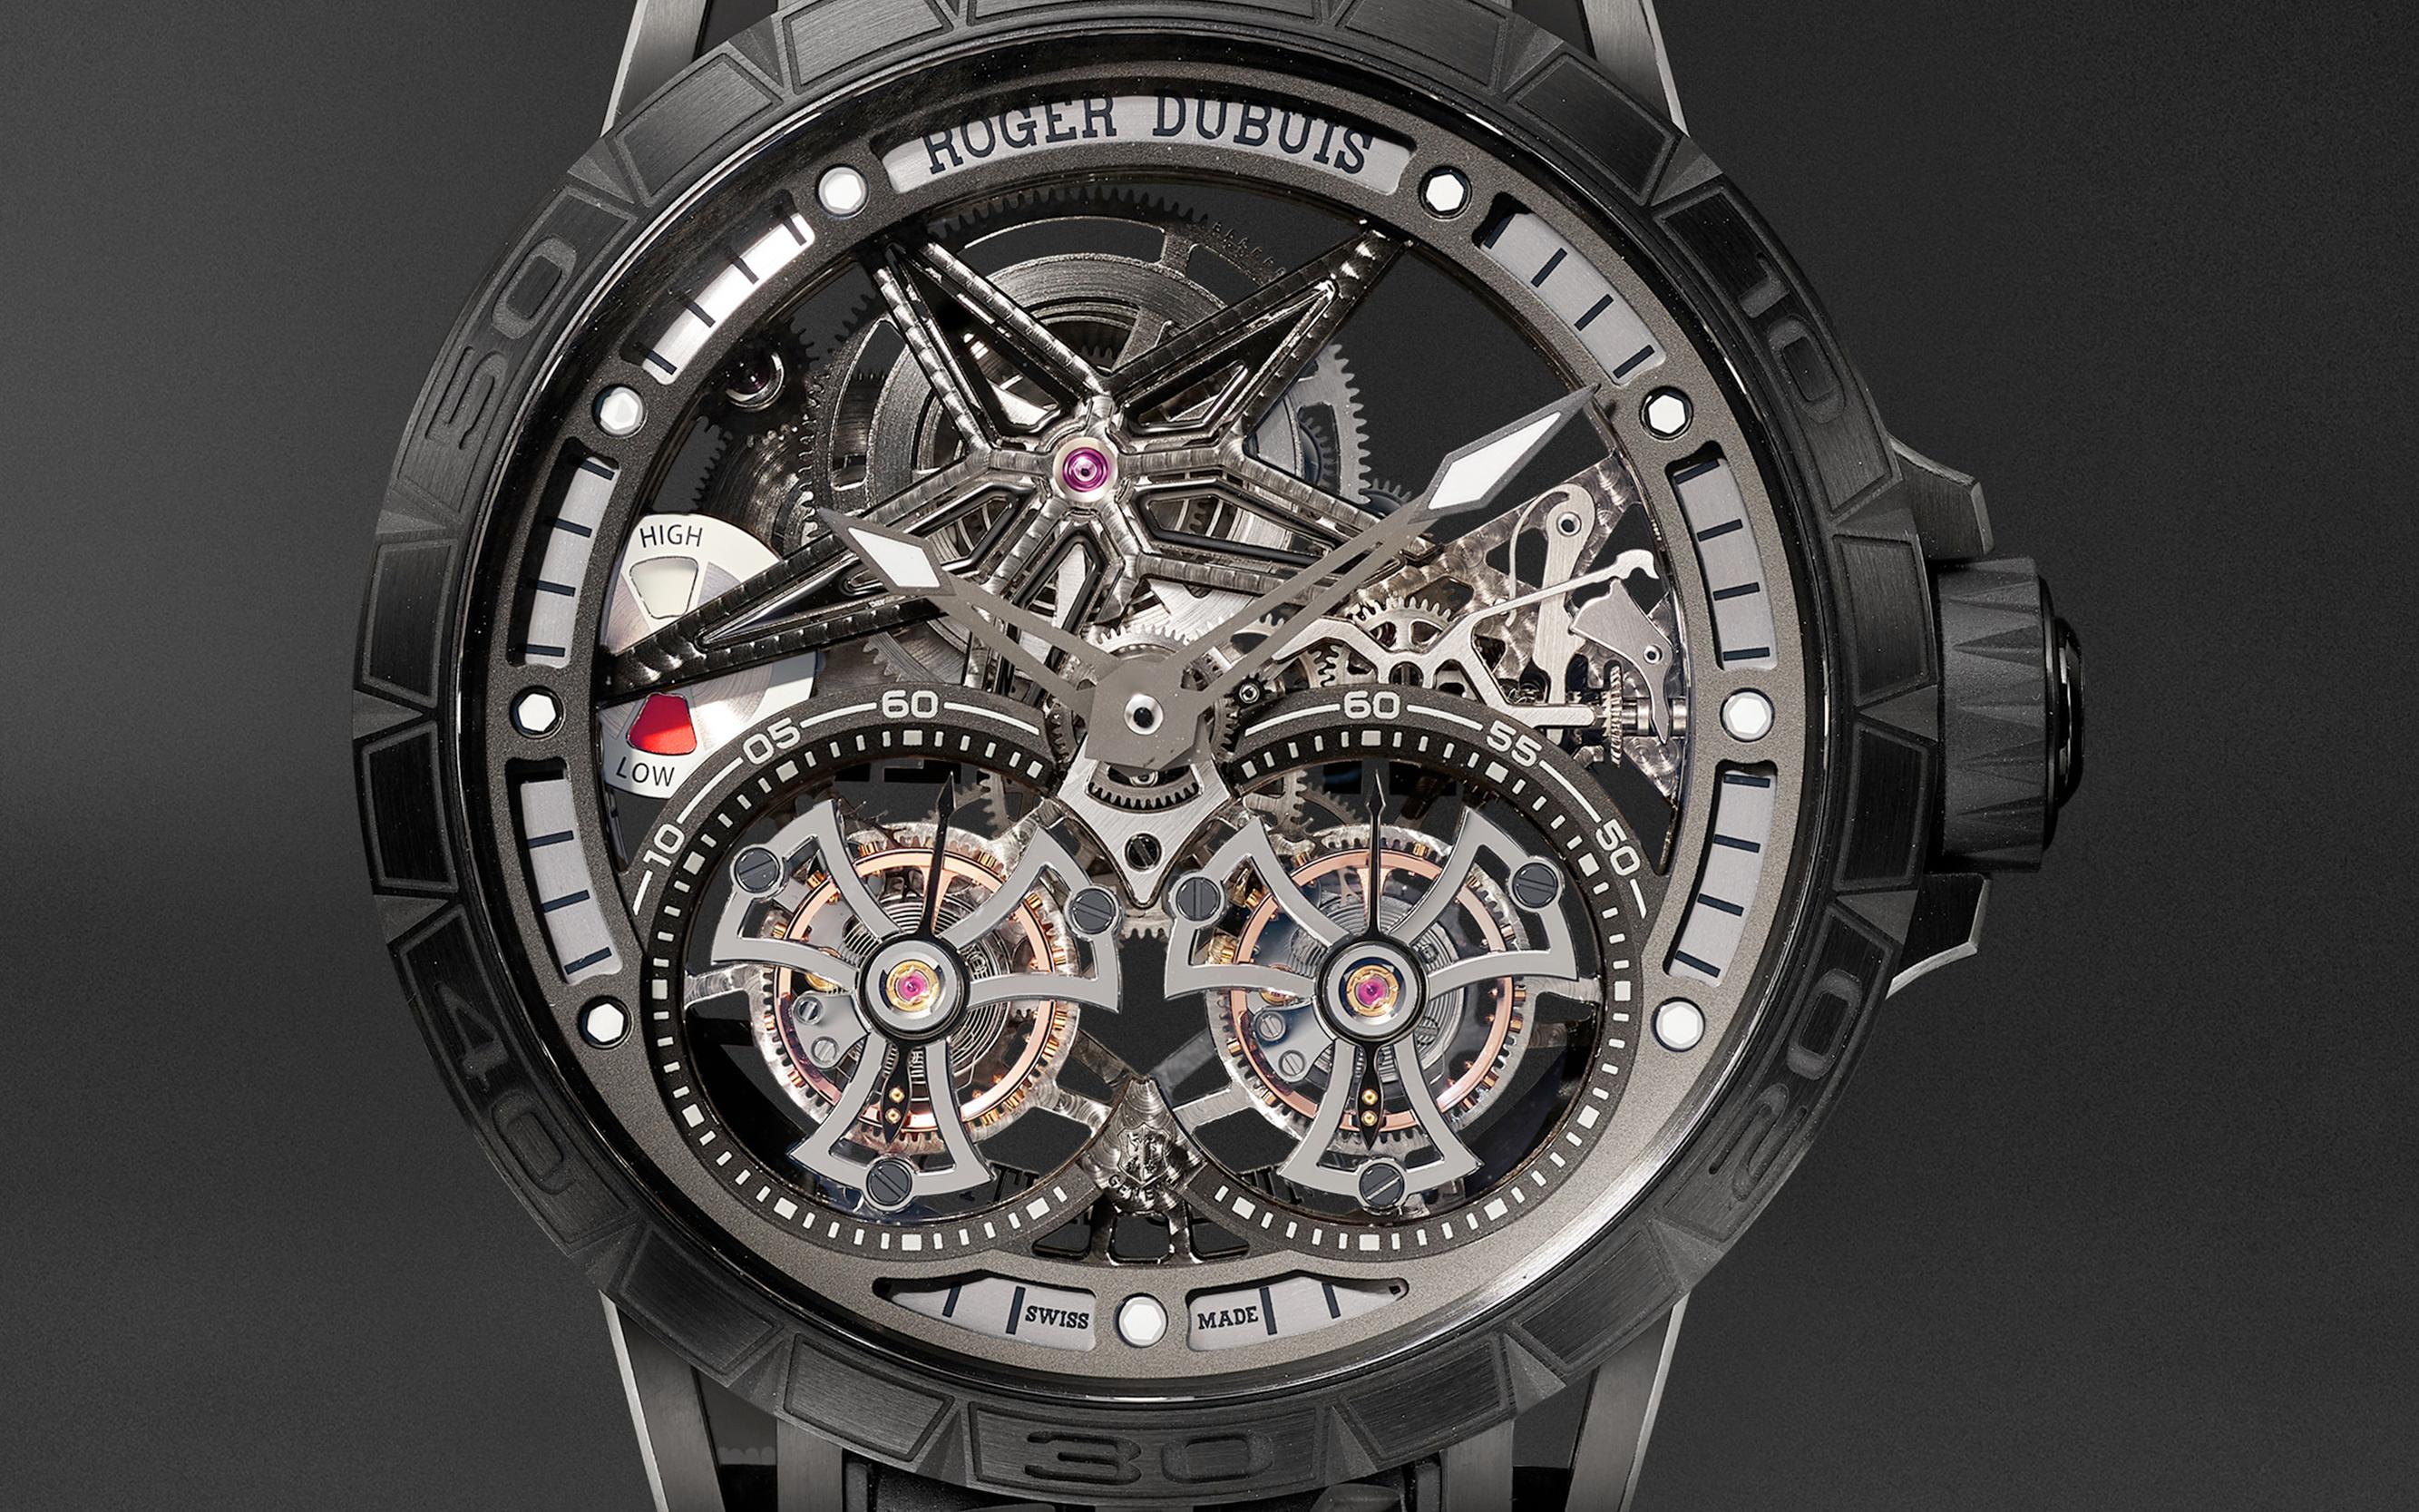 Roger Dubuis, vanguardia relojera